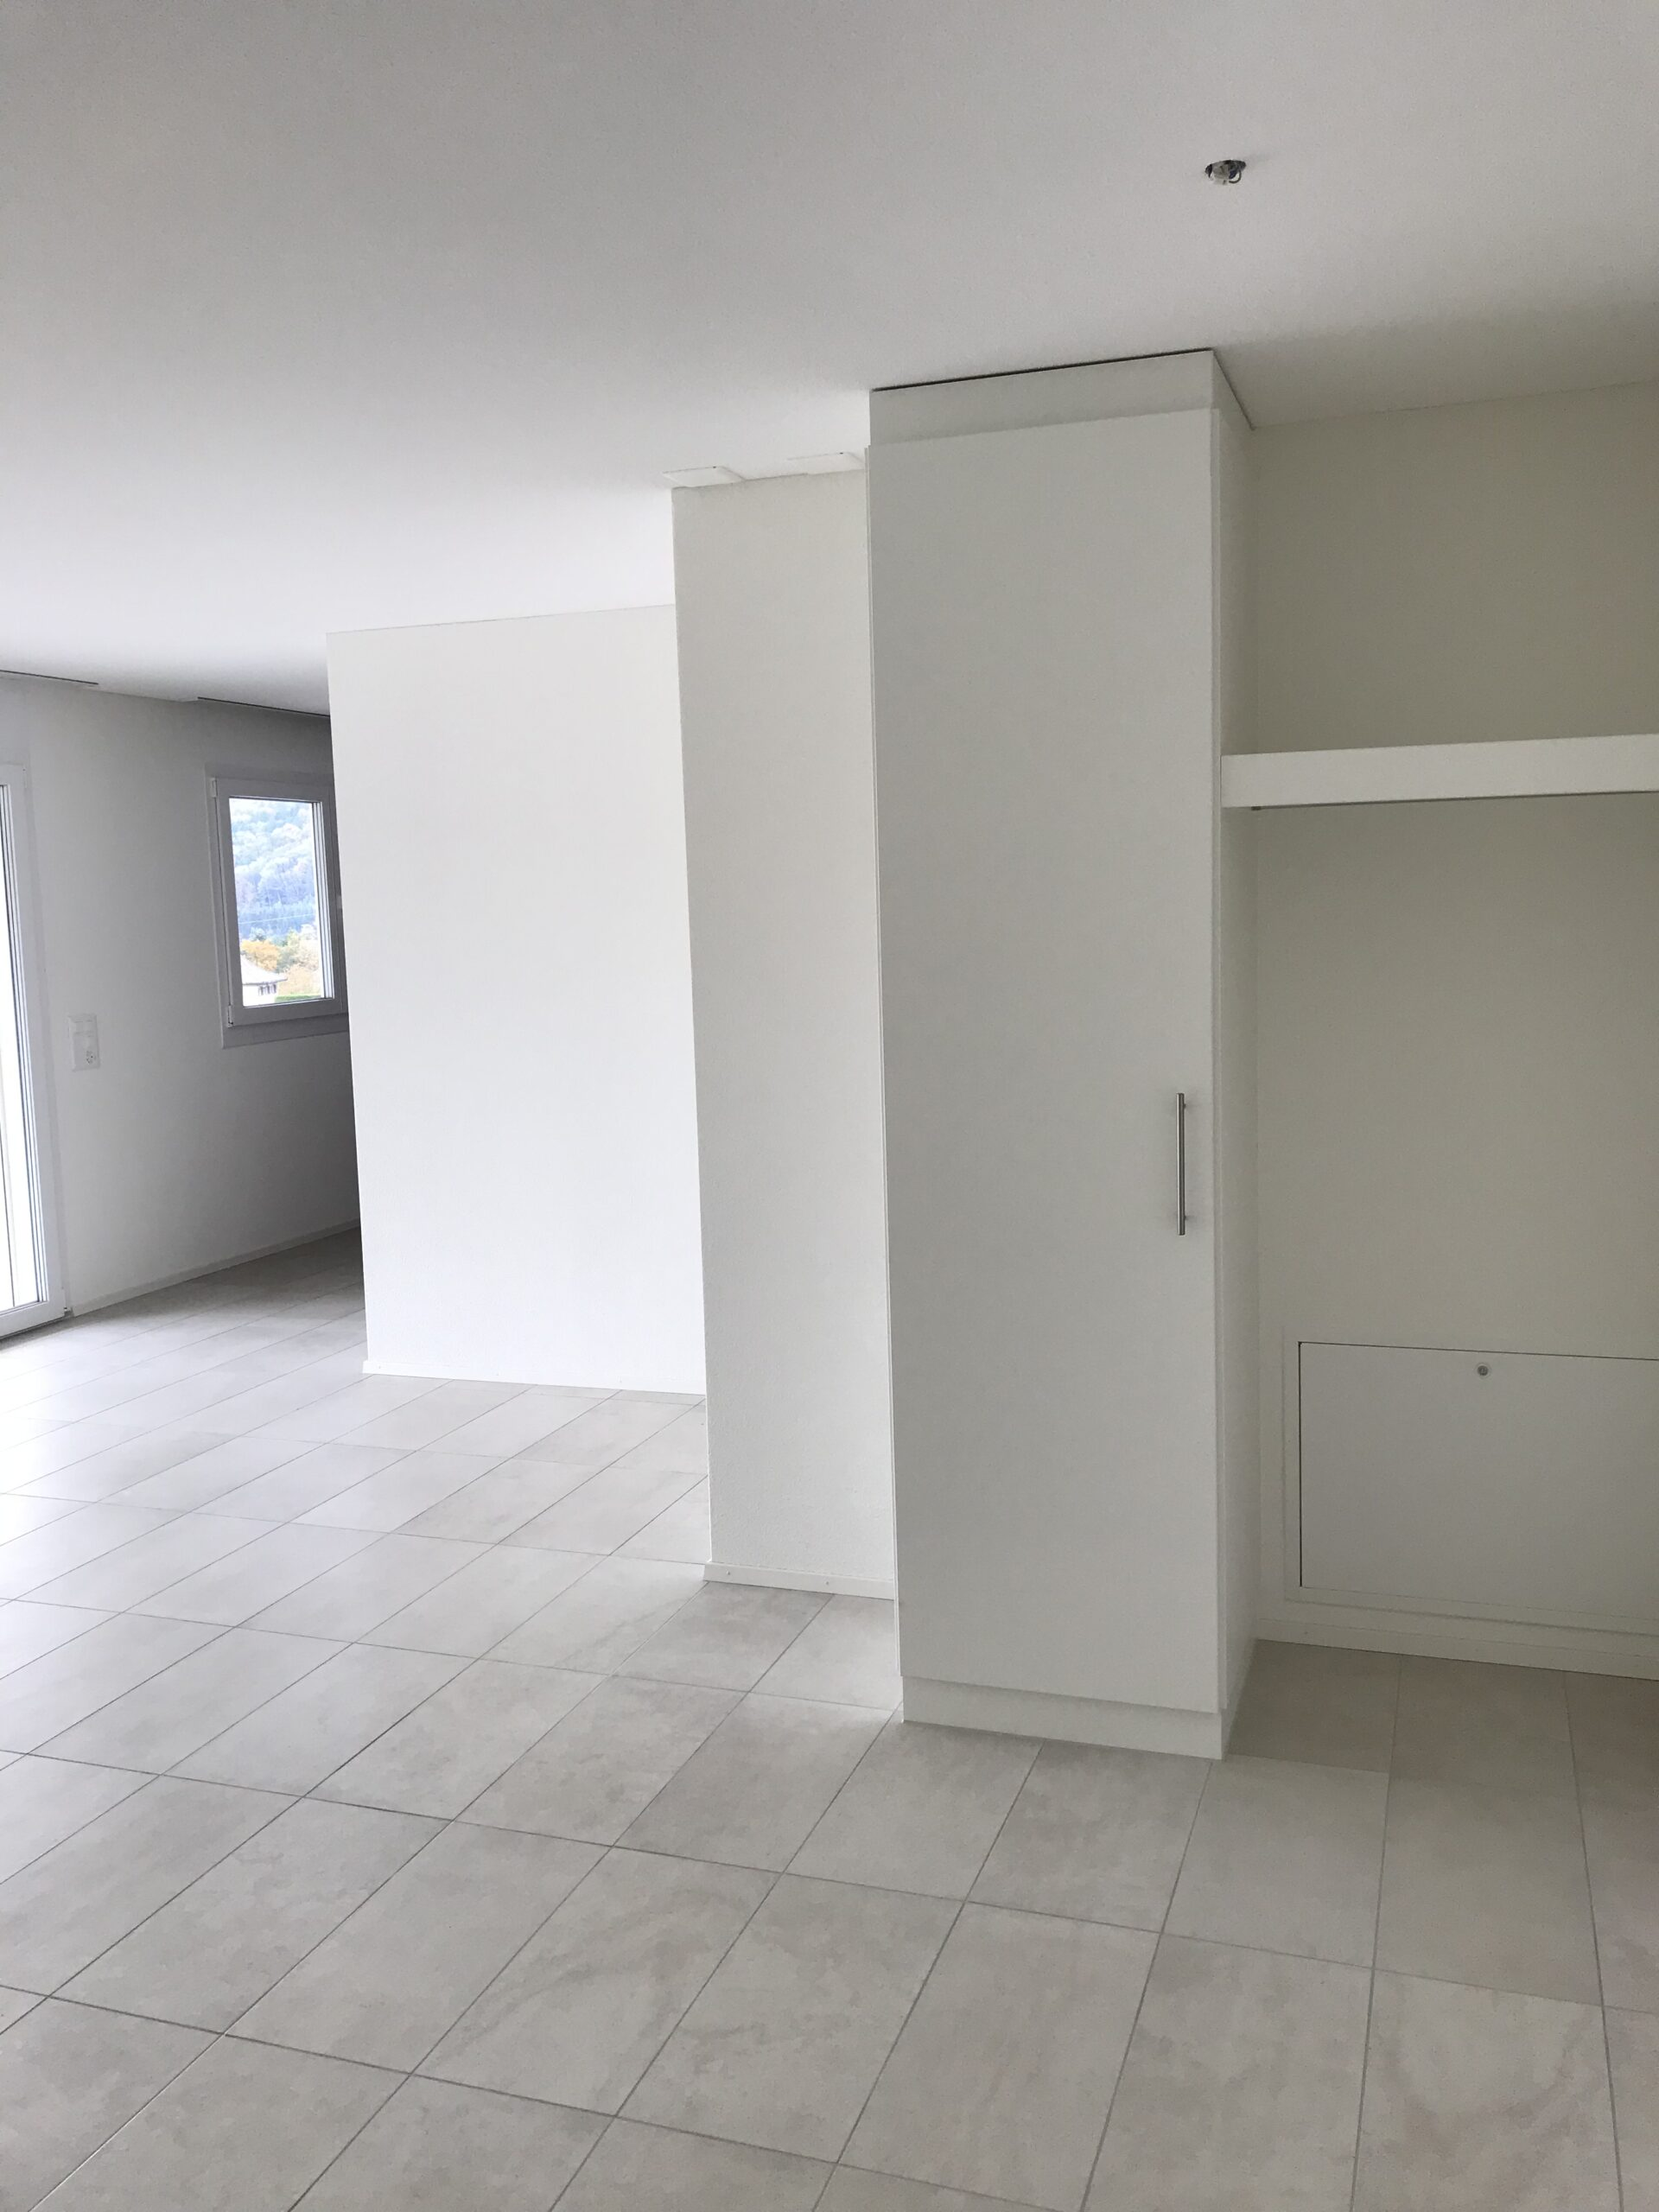 Wohnung F 04.2, Attika, Striegelpark